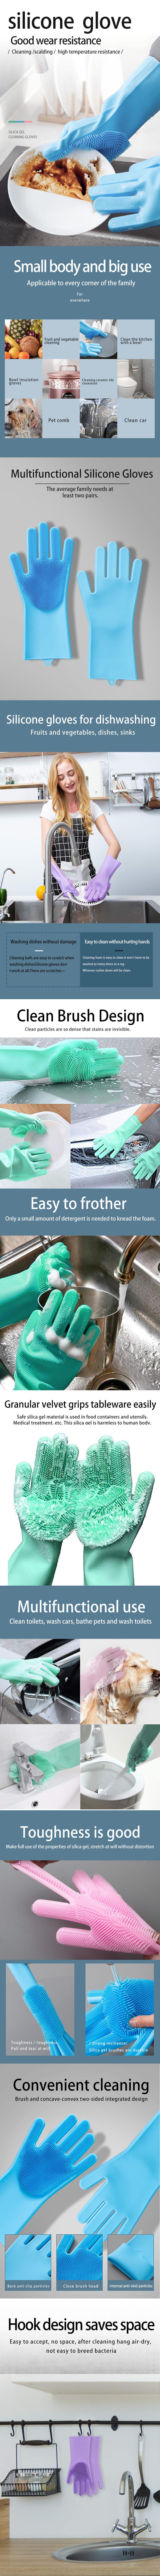 Luvas mágicas da limpeza do silicone de SakSak com purificador da escova e luvas resistentes ao calor do silicone